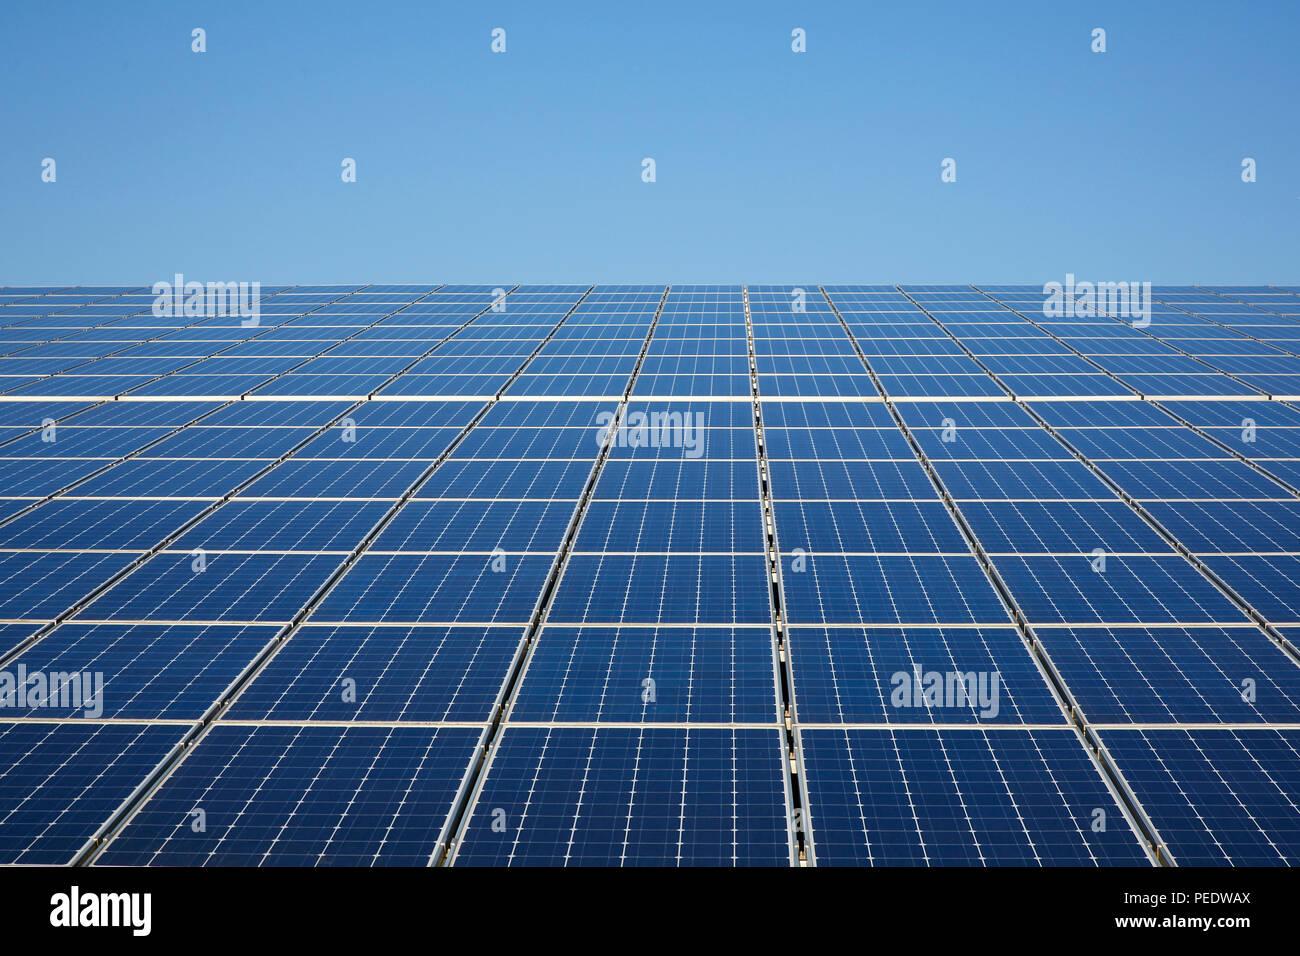 Solaranlage, Solarzellen auf Dach, Dithmarschen, Schleswig-Holstein, Deutschland - Stock Image